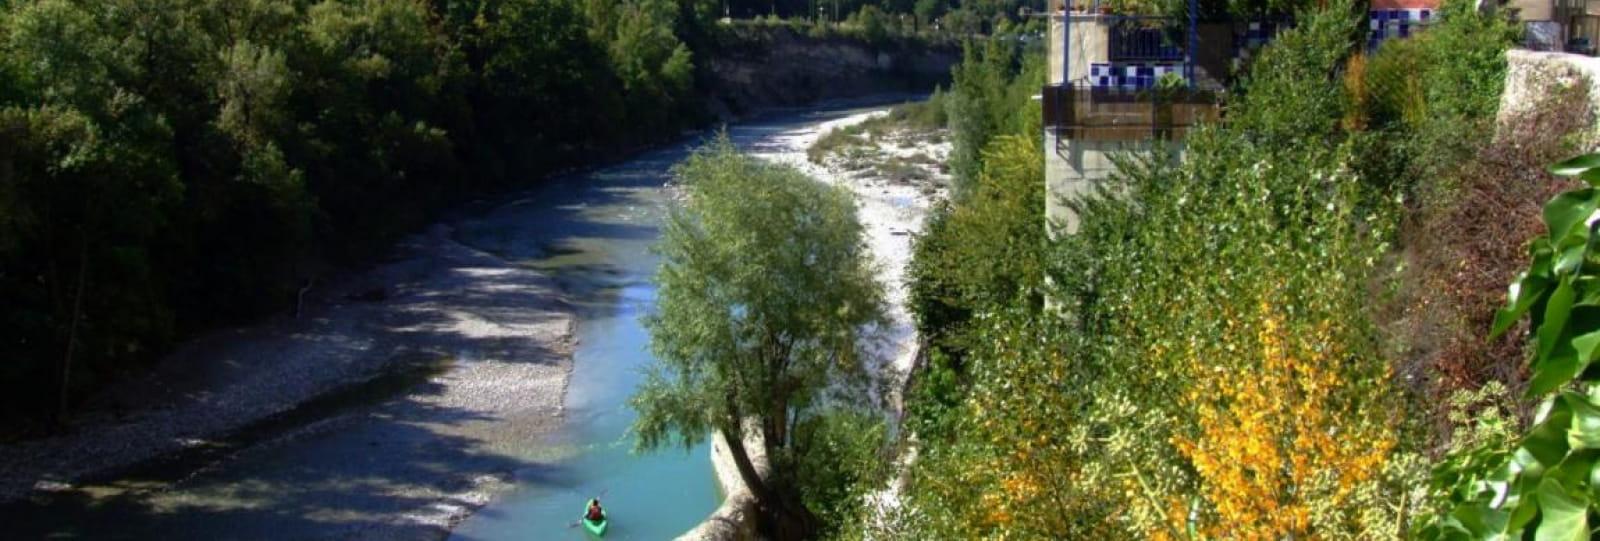 De ciel et d'eau : randonnée initiatique en Val-de-Drôme